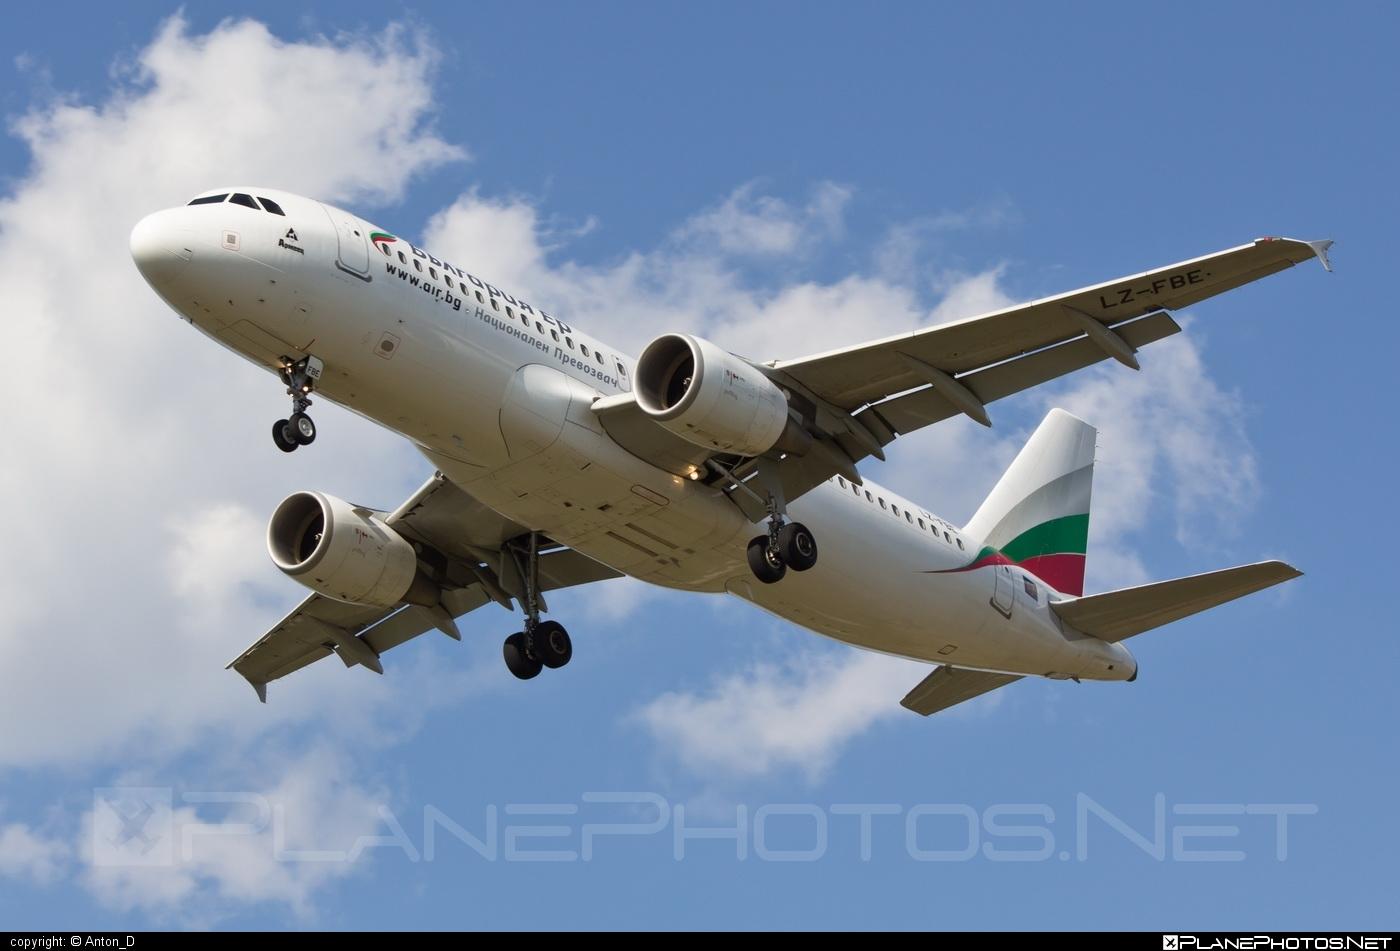 Airbus A320-214 - LZ-FBE operated by Bulgaria Air #a320 #a320family #airbus #airbus320 #bulgariaair